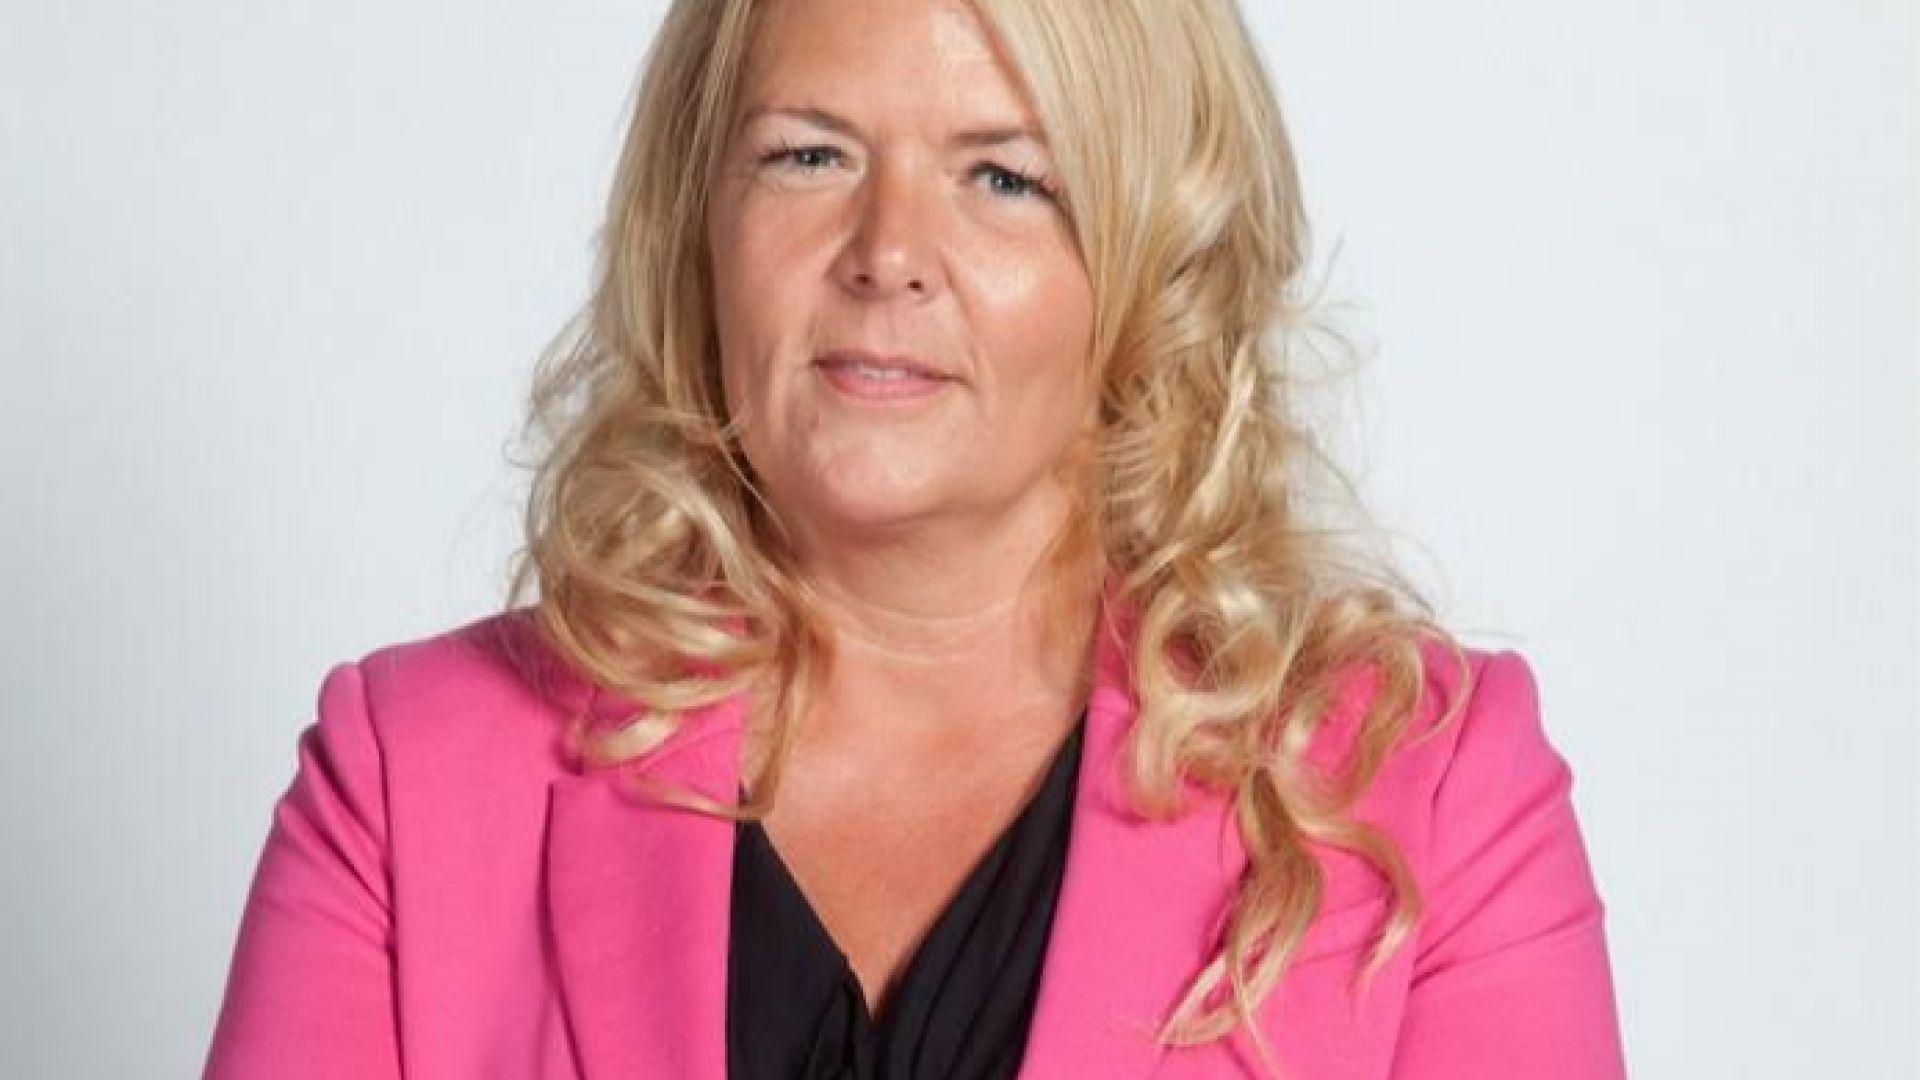 Холандски политик се самоуби, след като призна, че е била изнасилена